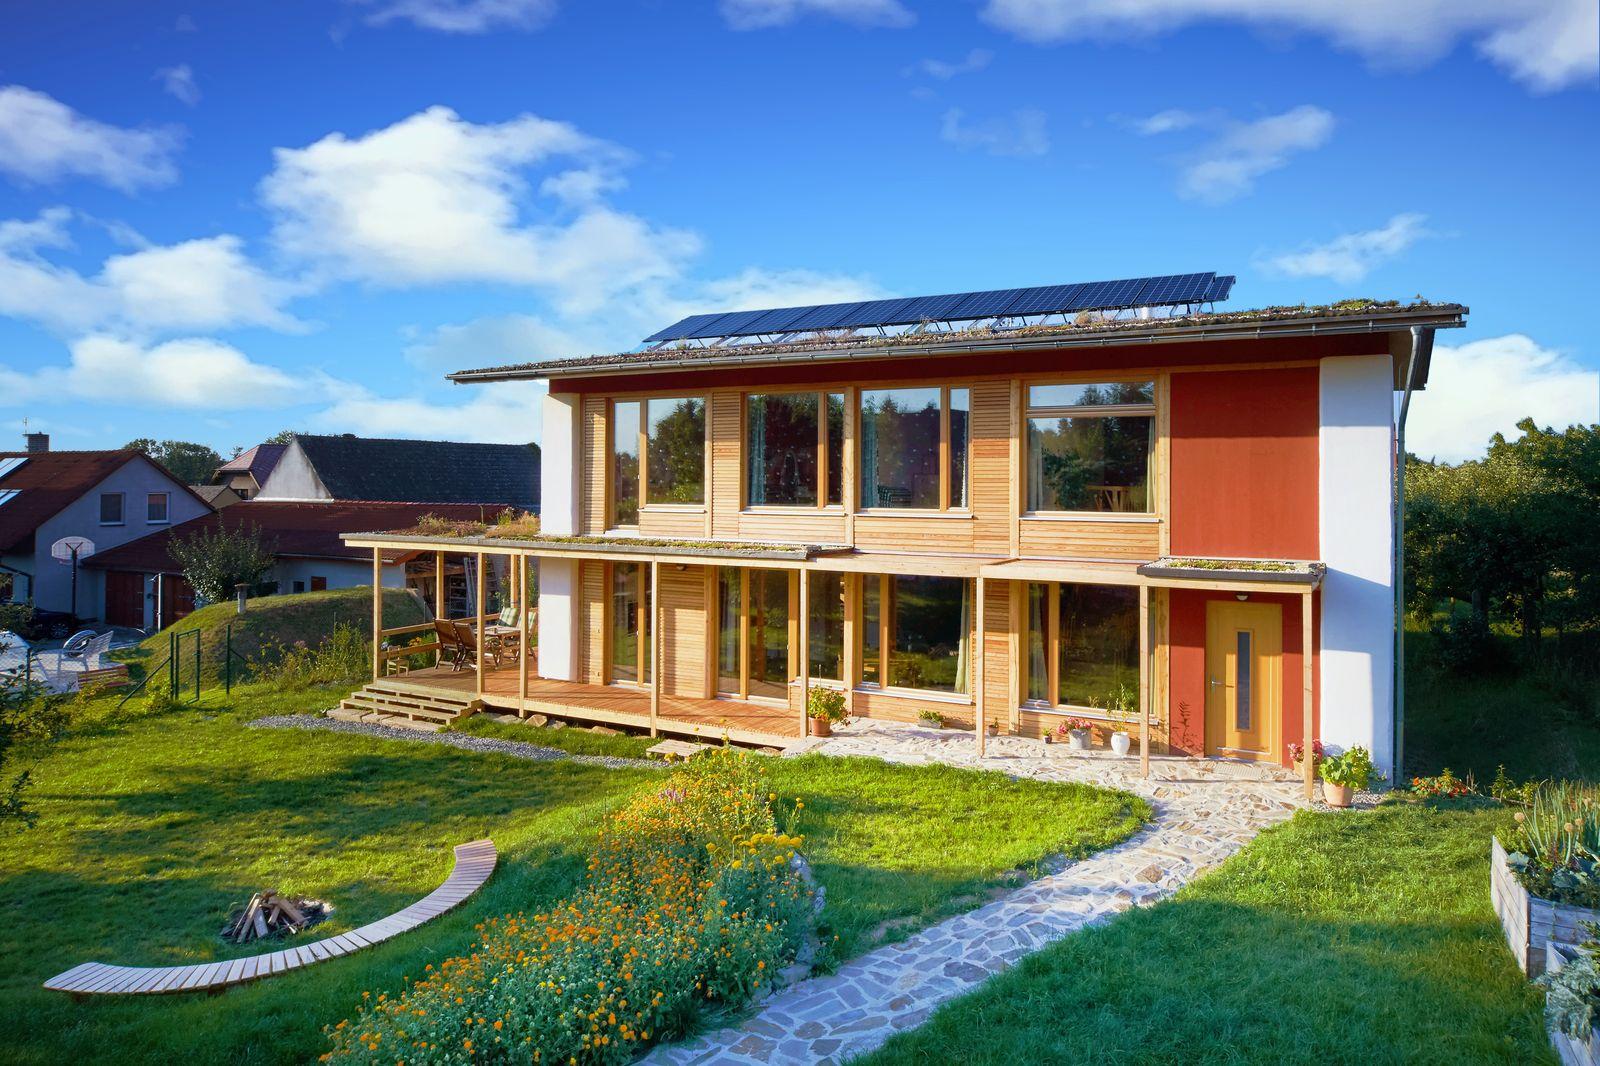 Úsporný dům ze slámy stavěl vlastníma rukama tři roky